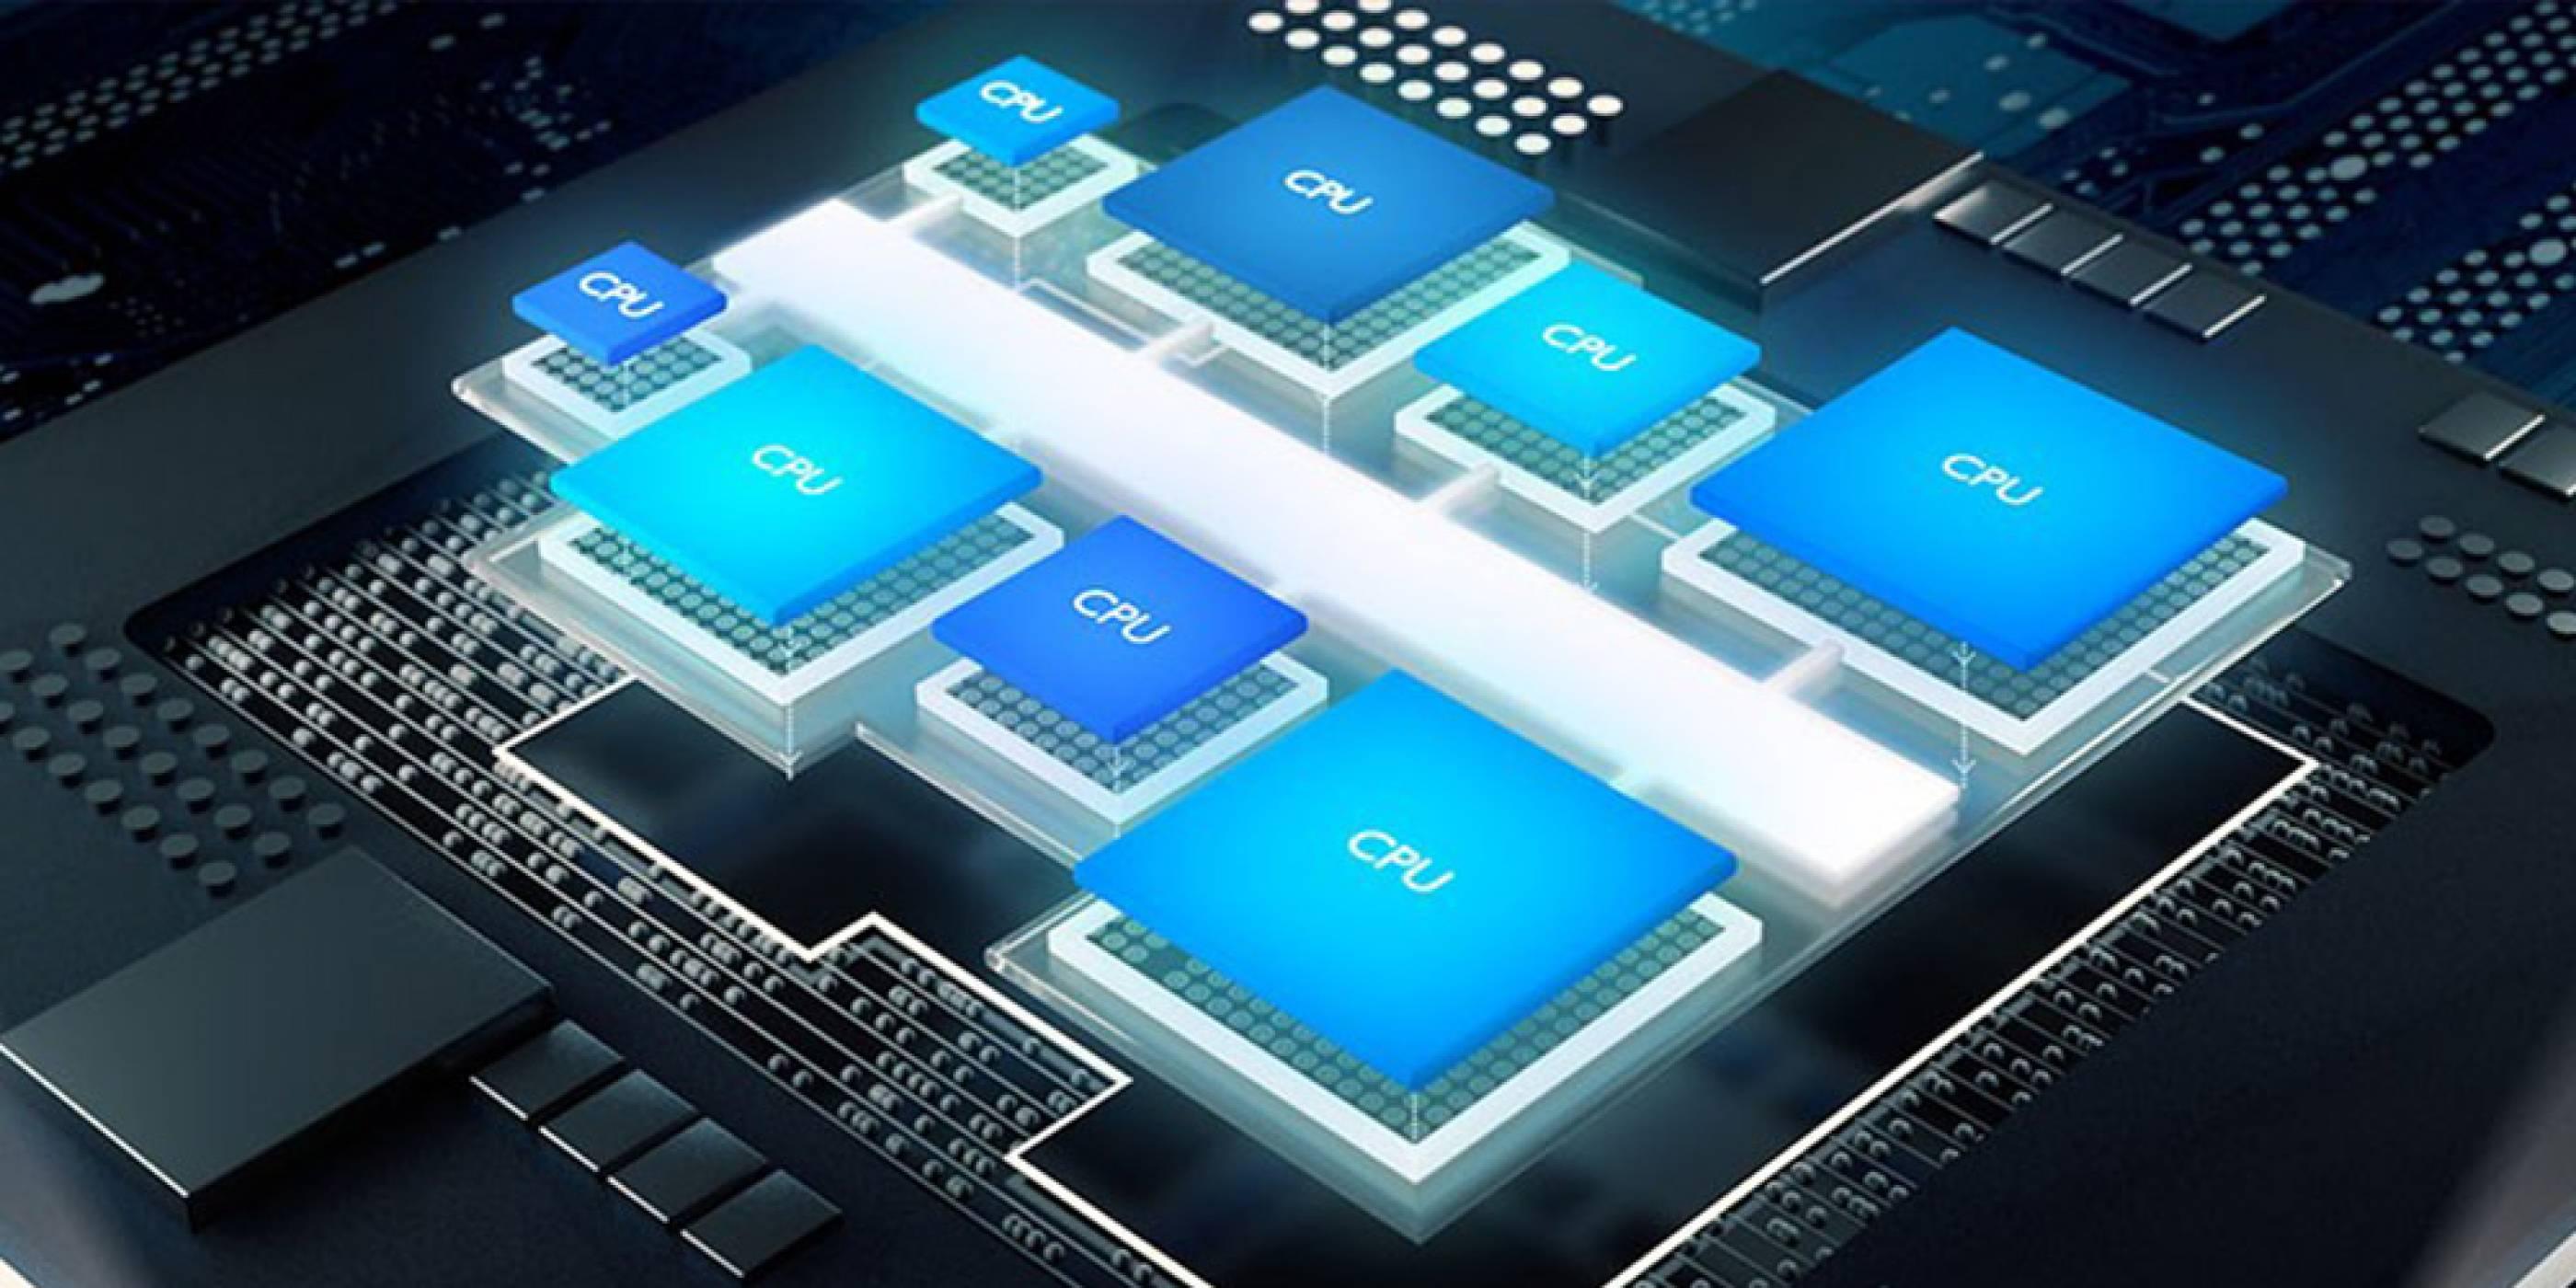 ARM представи DynamIQ, ново поколение многоядрена микроархитектура